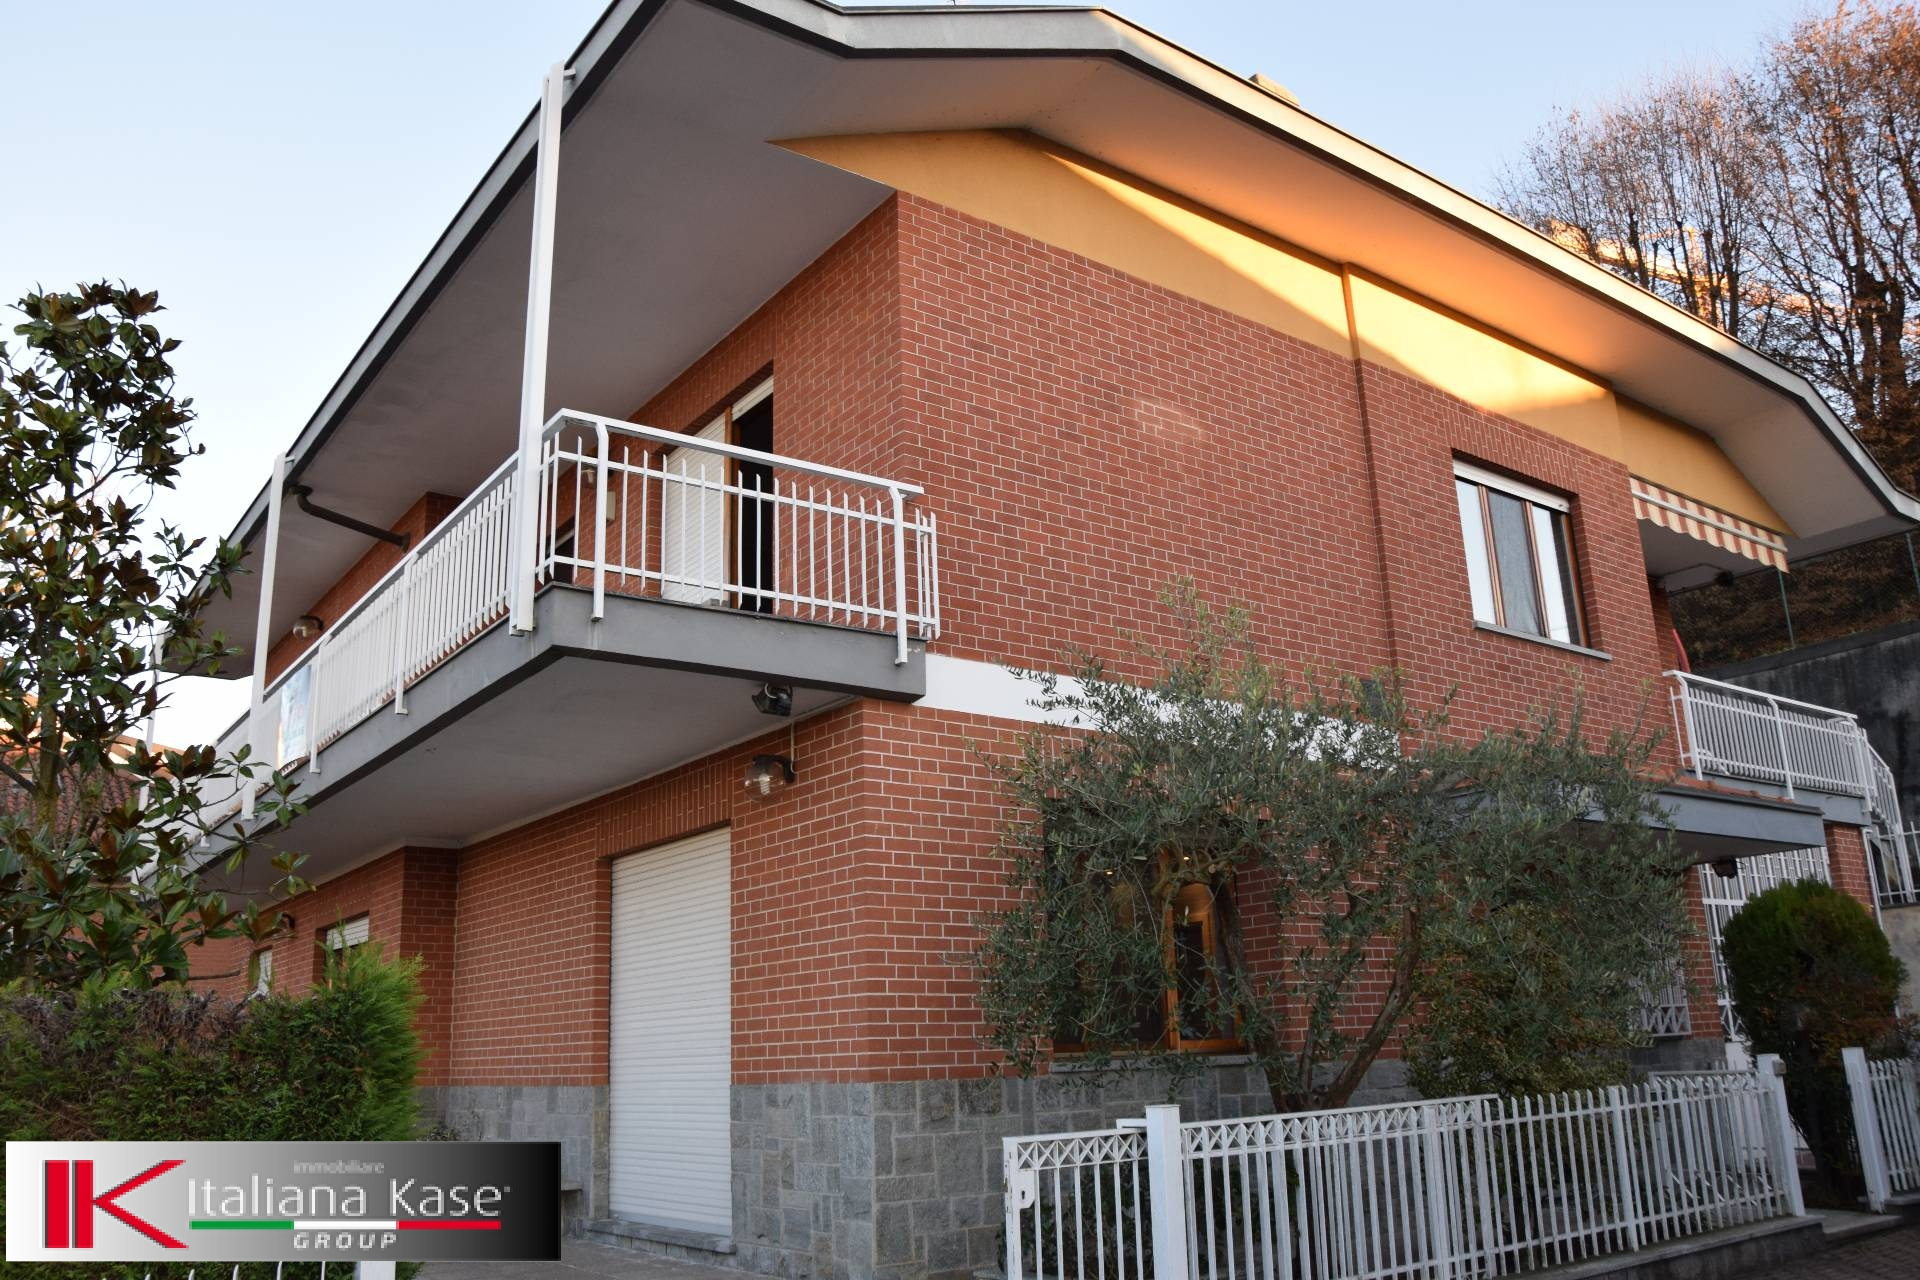 Appartamento in affitto a Castiglione Torinese, 5 locali, zona Località: Centro, prezzo € 1.200   CambioCasa.it